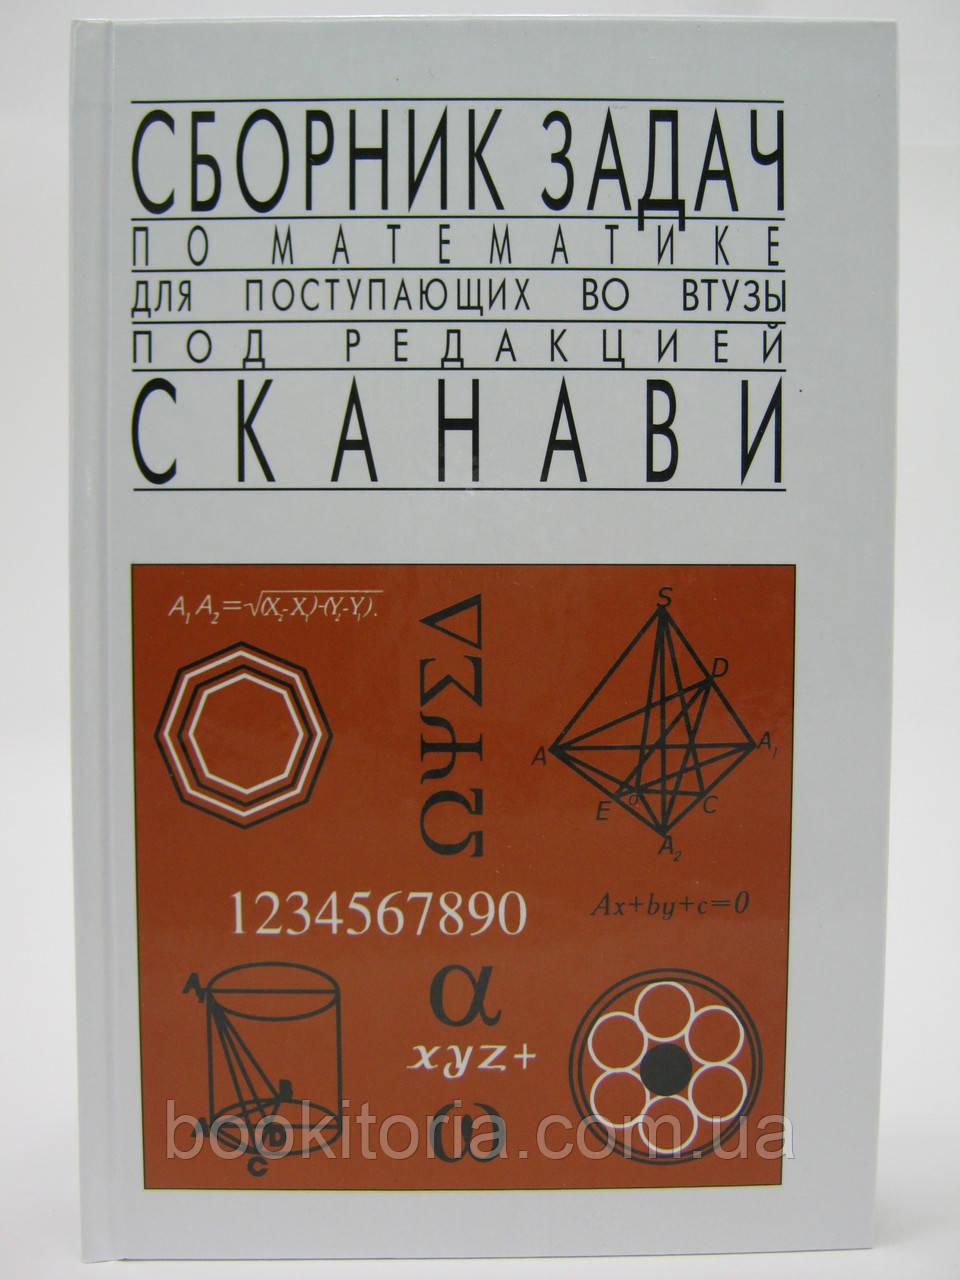 Егерев В.К. Сборник задач по математике для поступающих во втузы.